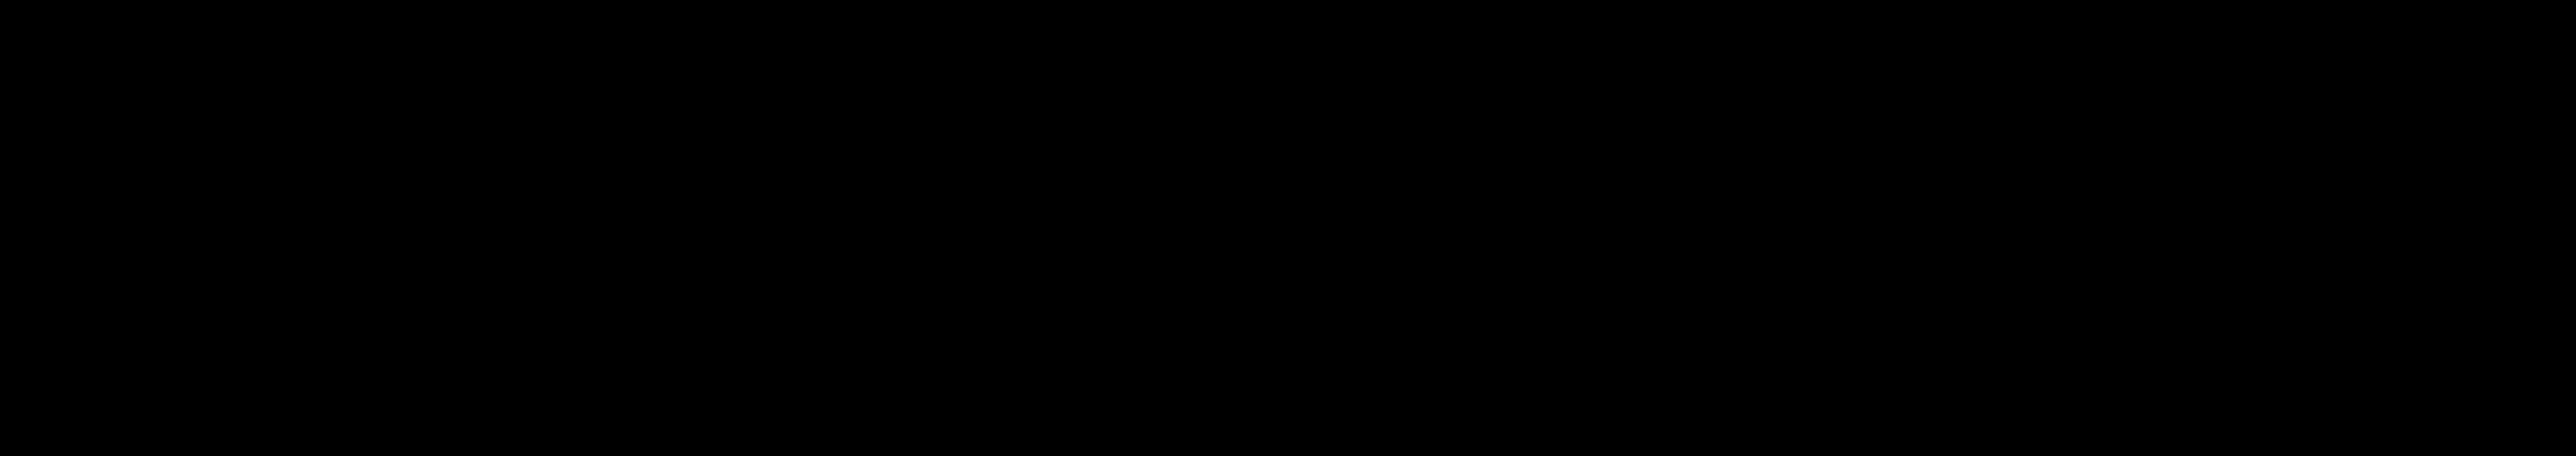 Nordbyen